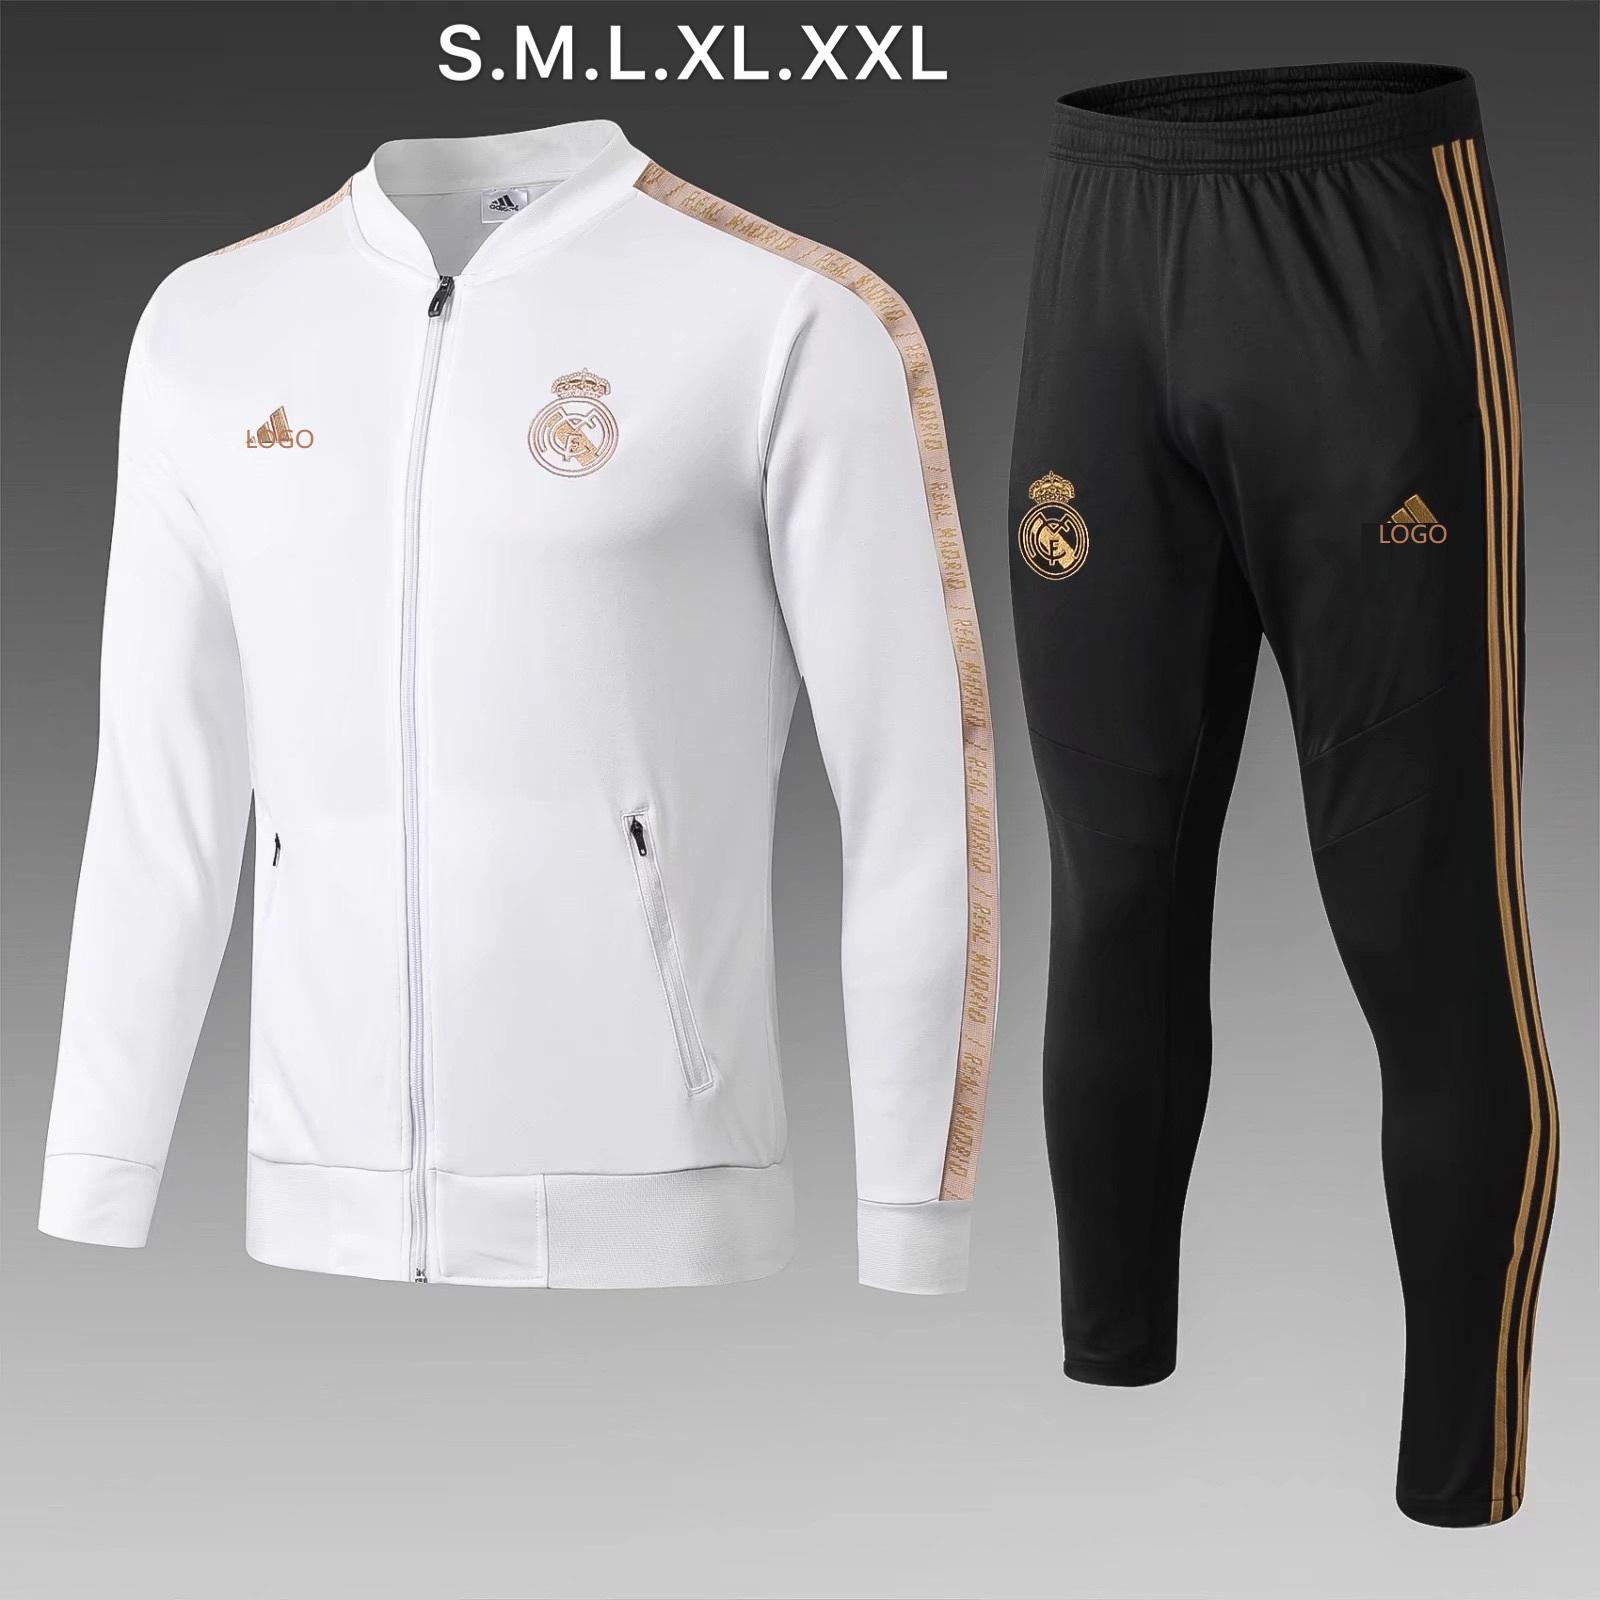 best website ad959 cba23 2019/20 men real madrid jacket white longsleeve soccer tracksuit